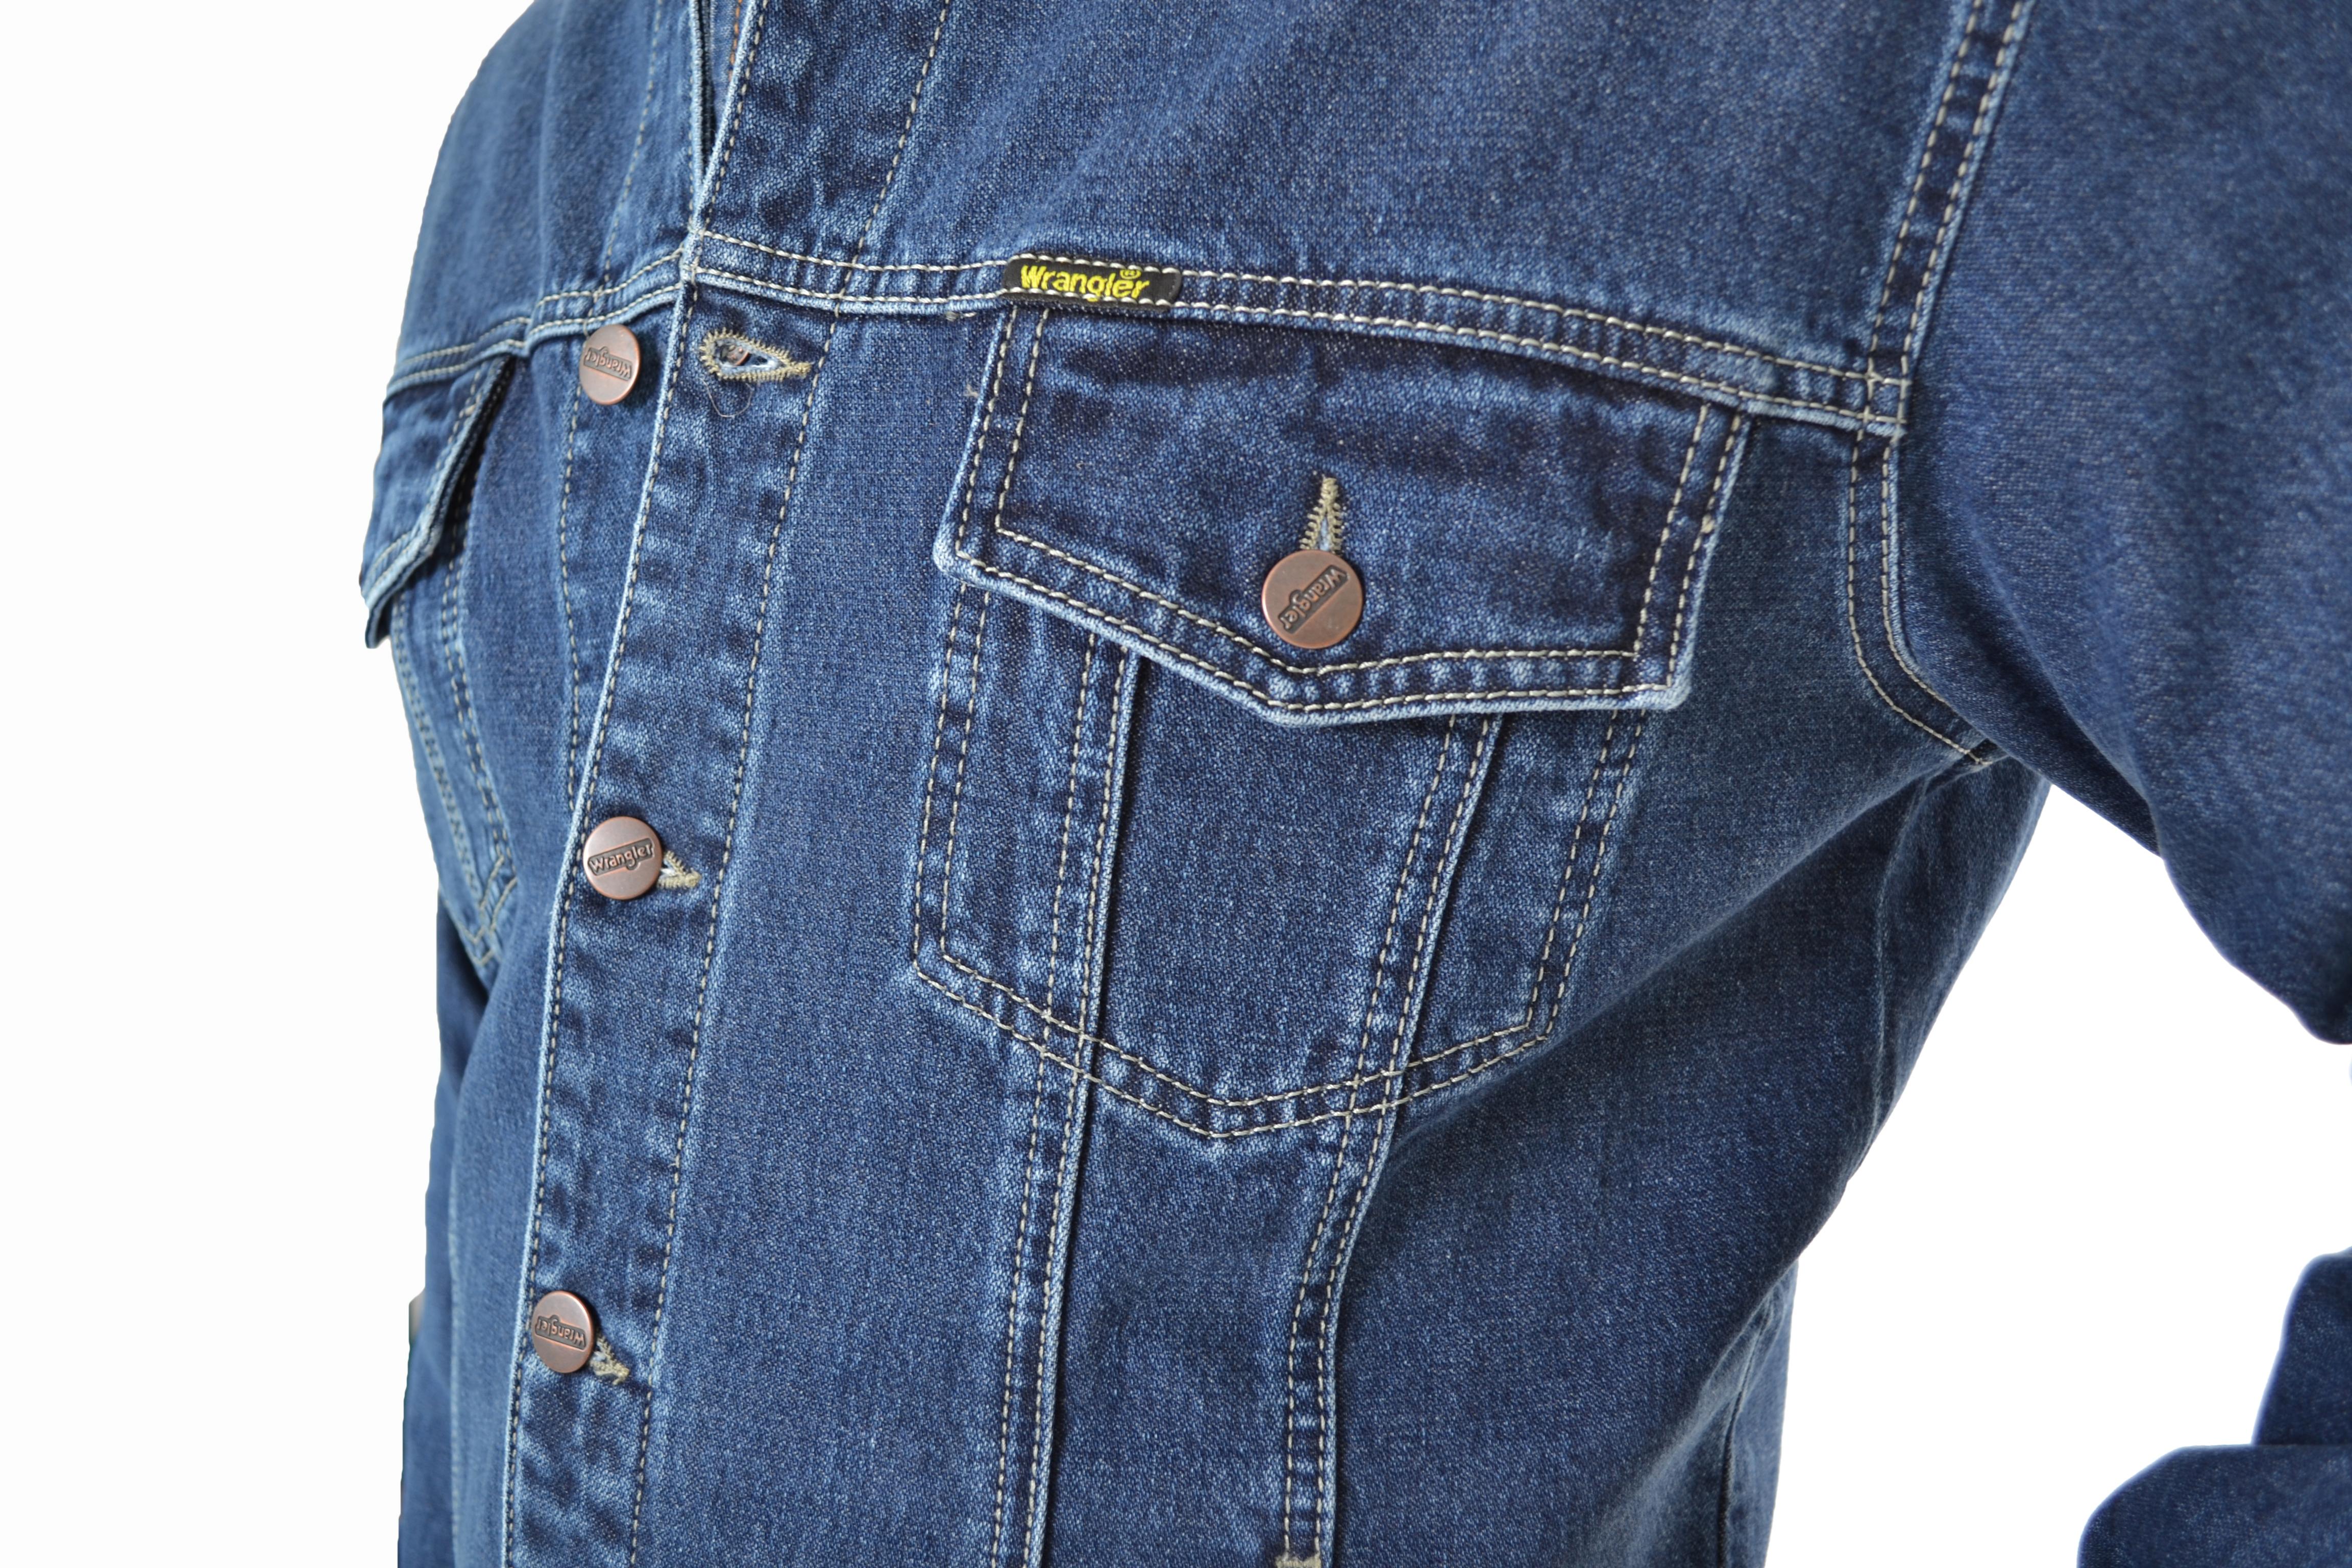 310c856c2e6 Купить Джинсовая куртка Wrangler